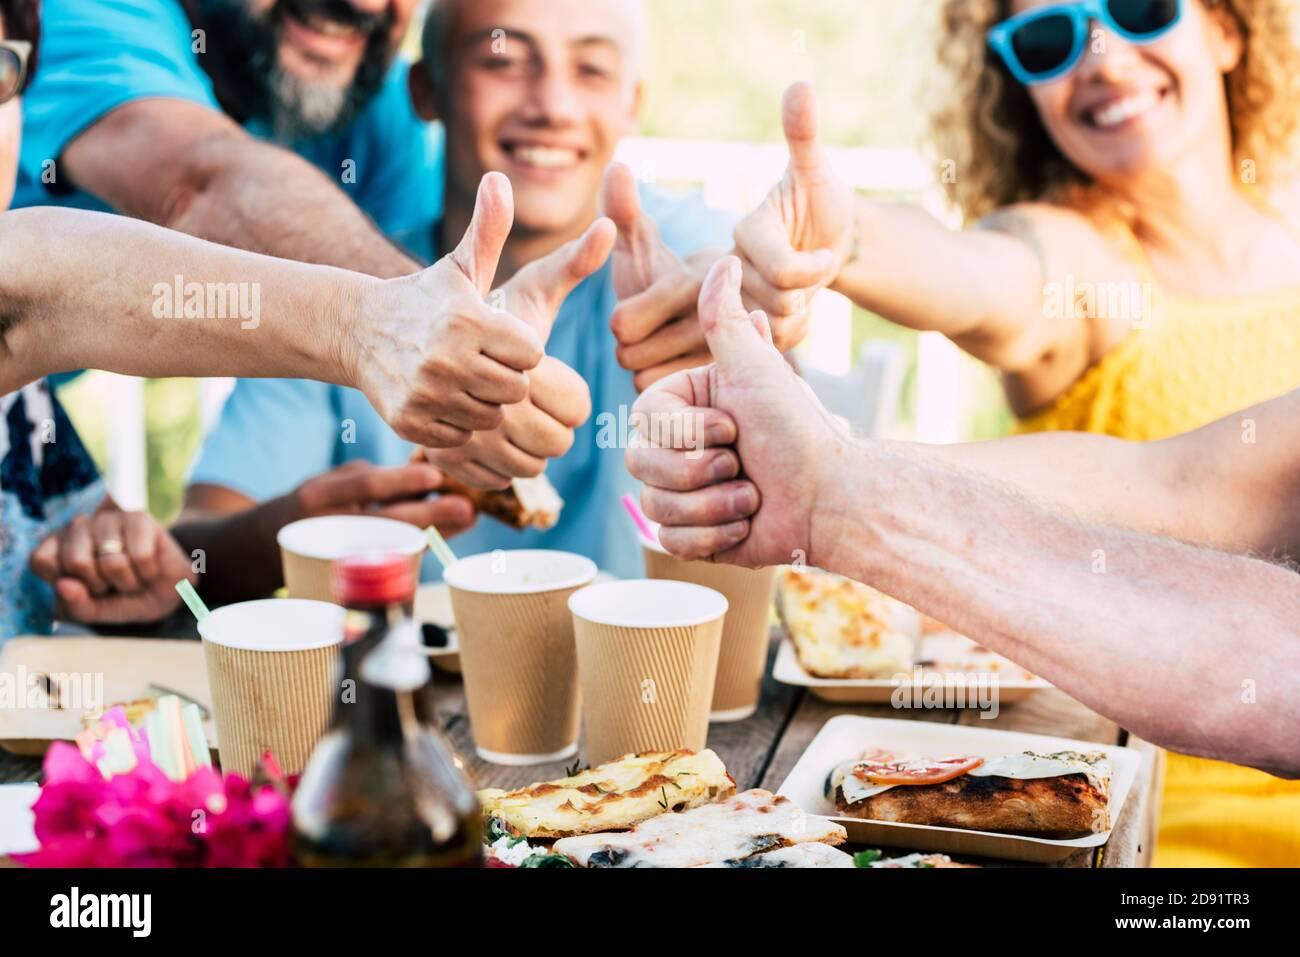 Grupo familia caucásica celebrar junto con la diversión y disfrutar de la comida y las bebidas -. Cumpleaños de cerca con pulgadas y risas en backgr Foto de stock